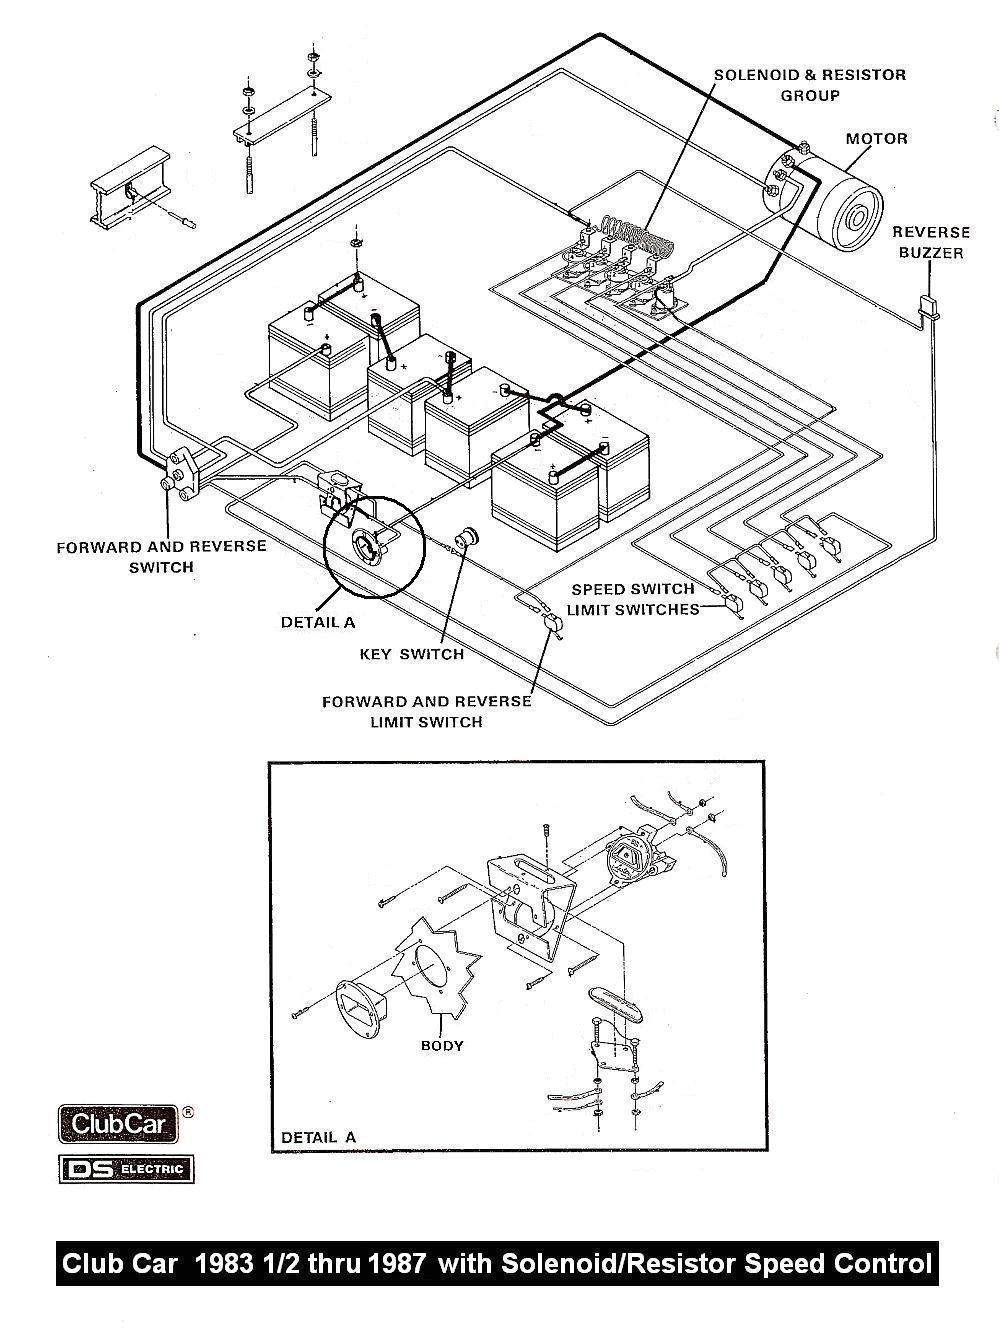 club car schematics 85 club car wiring diagram